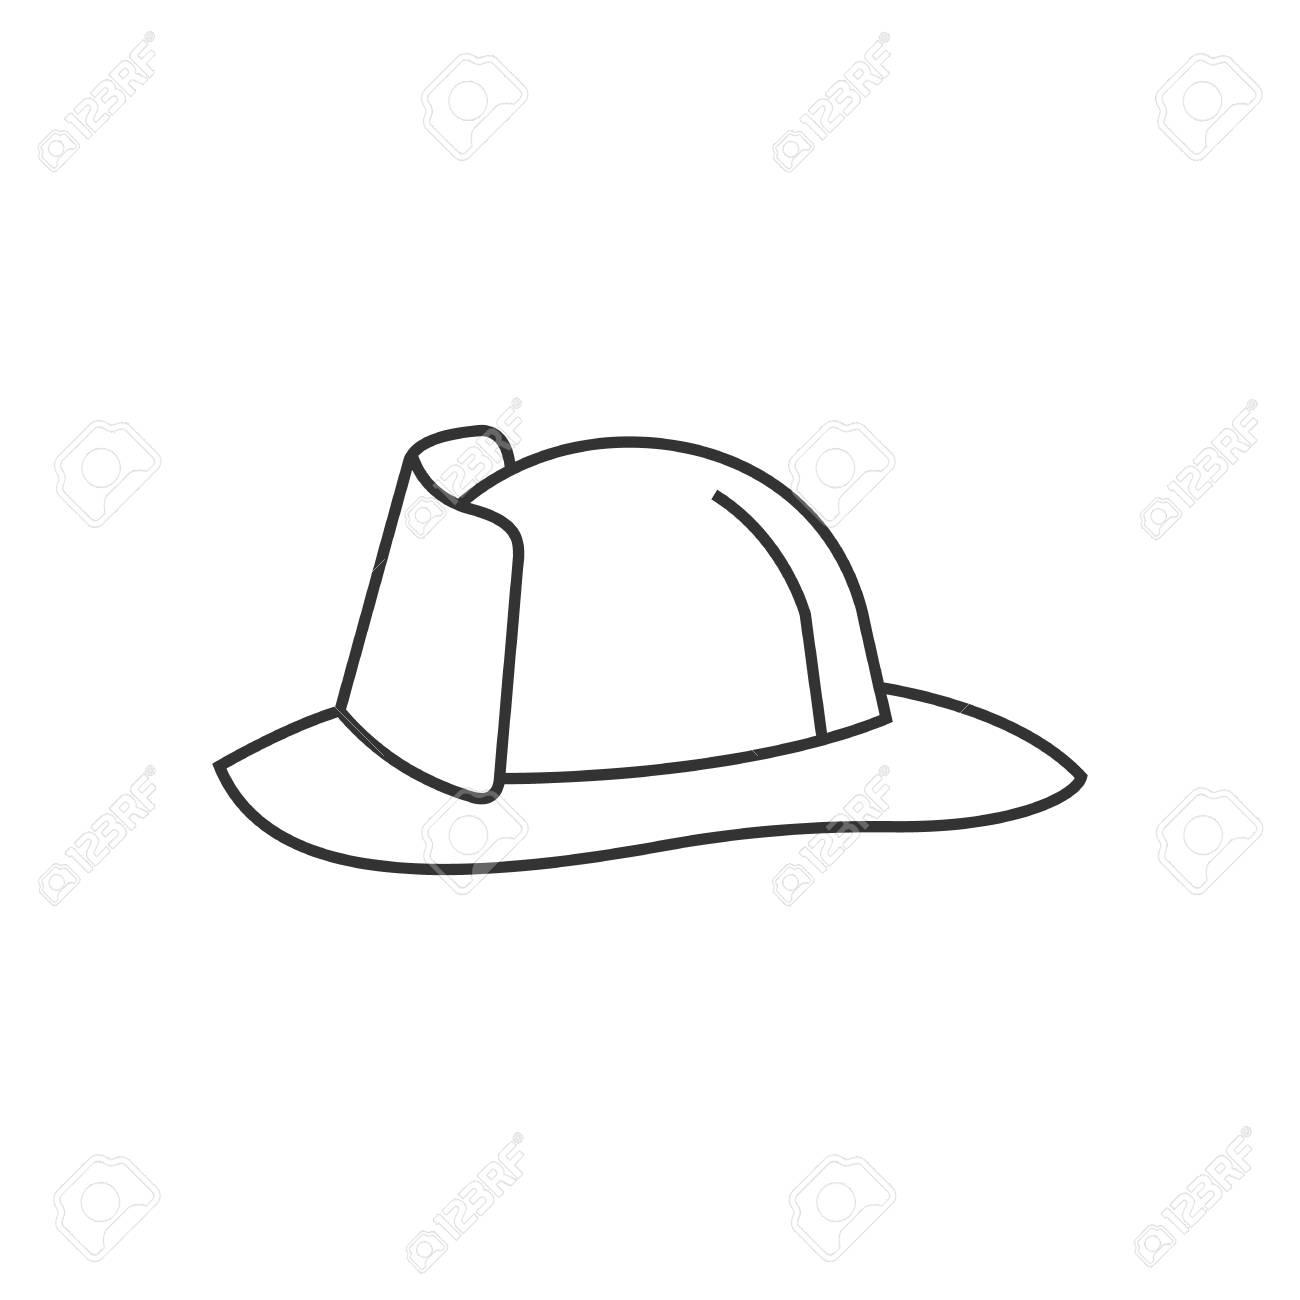 Berühmt Hüte Vorlagen Ideen - Beispielzusammenfassung Ideen - vpsbg.info